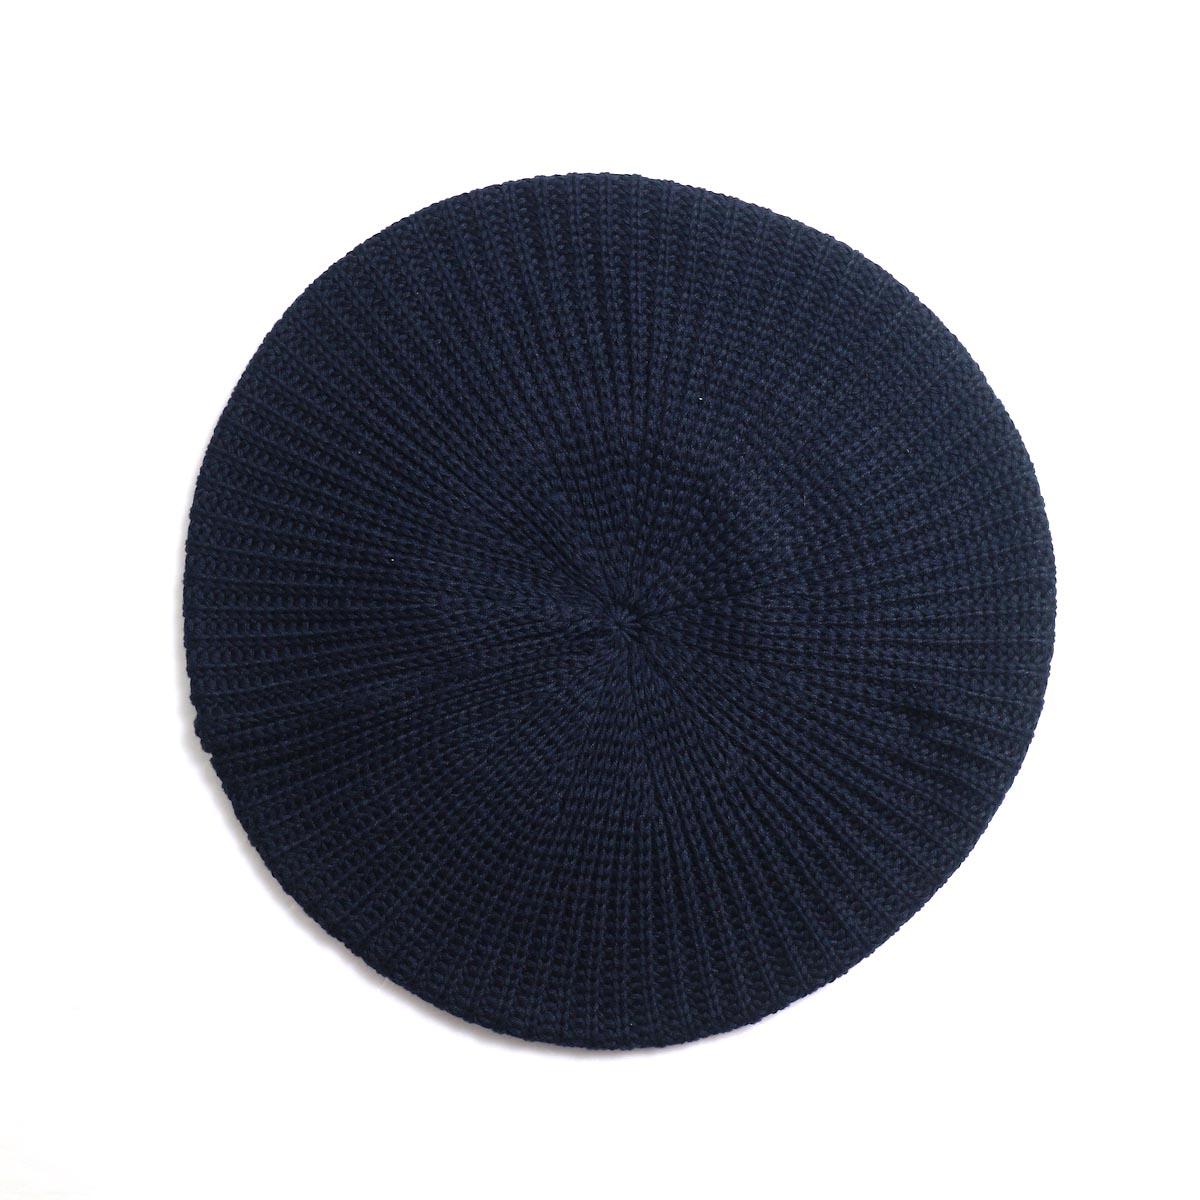 LEUCHTFEUER / BIG HOOGE -Cotton×Acrylic (Navy)